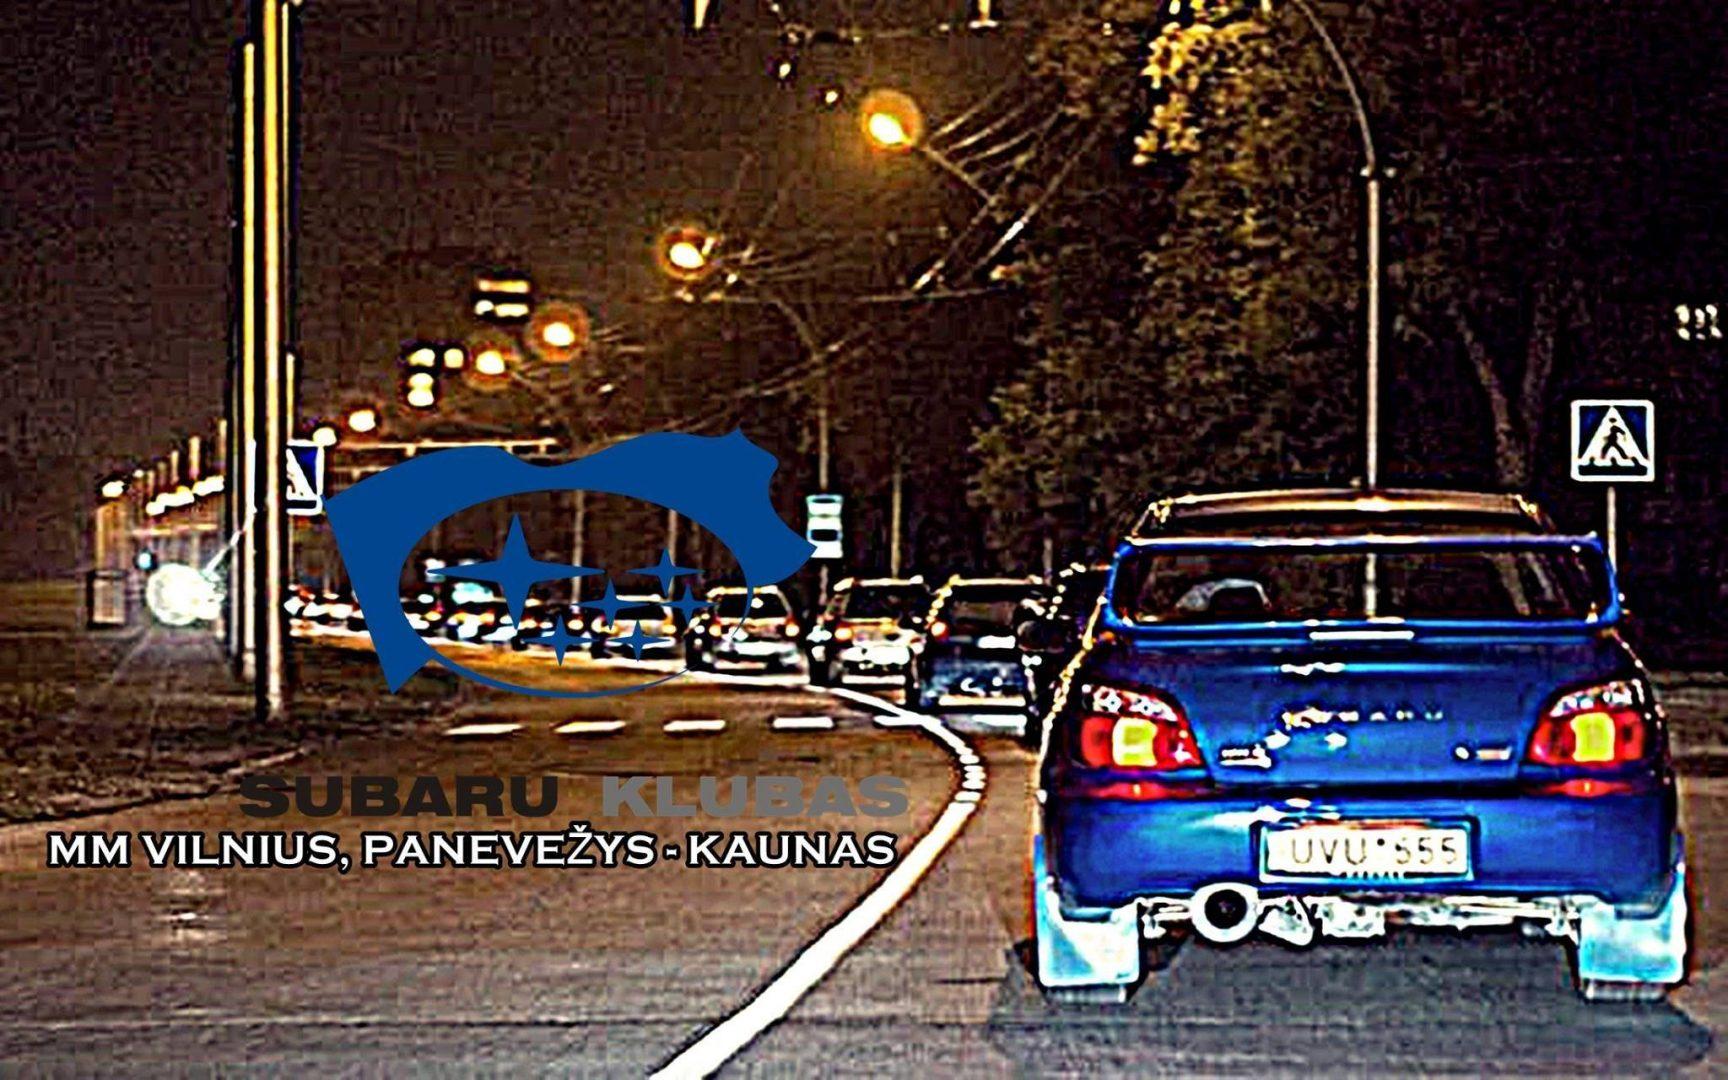 Subaru Klubas MM Vilnius Panevėžys Kaunas